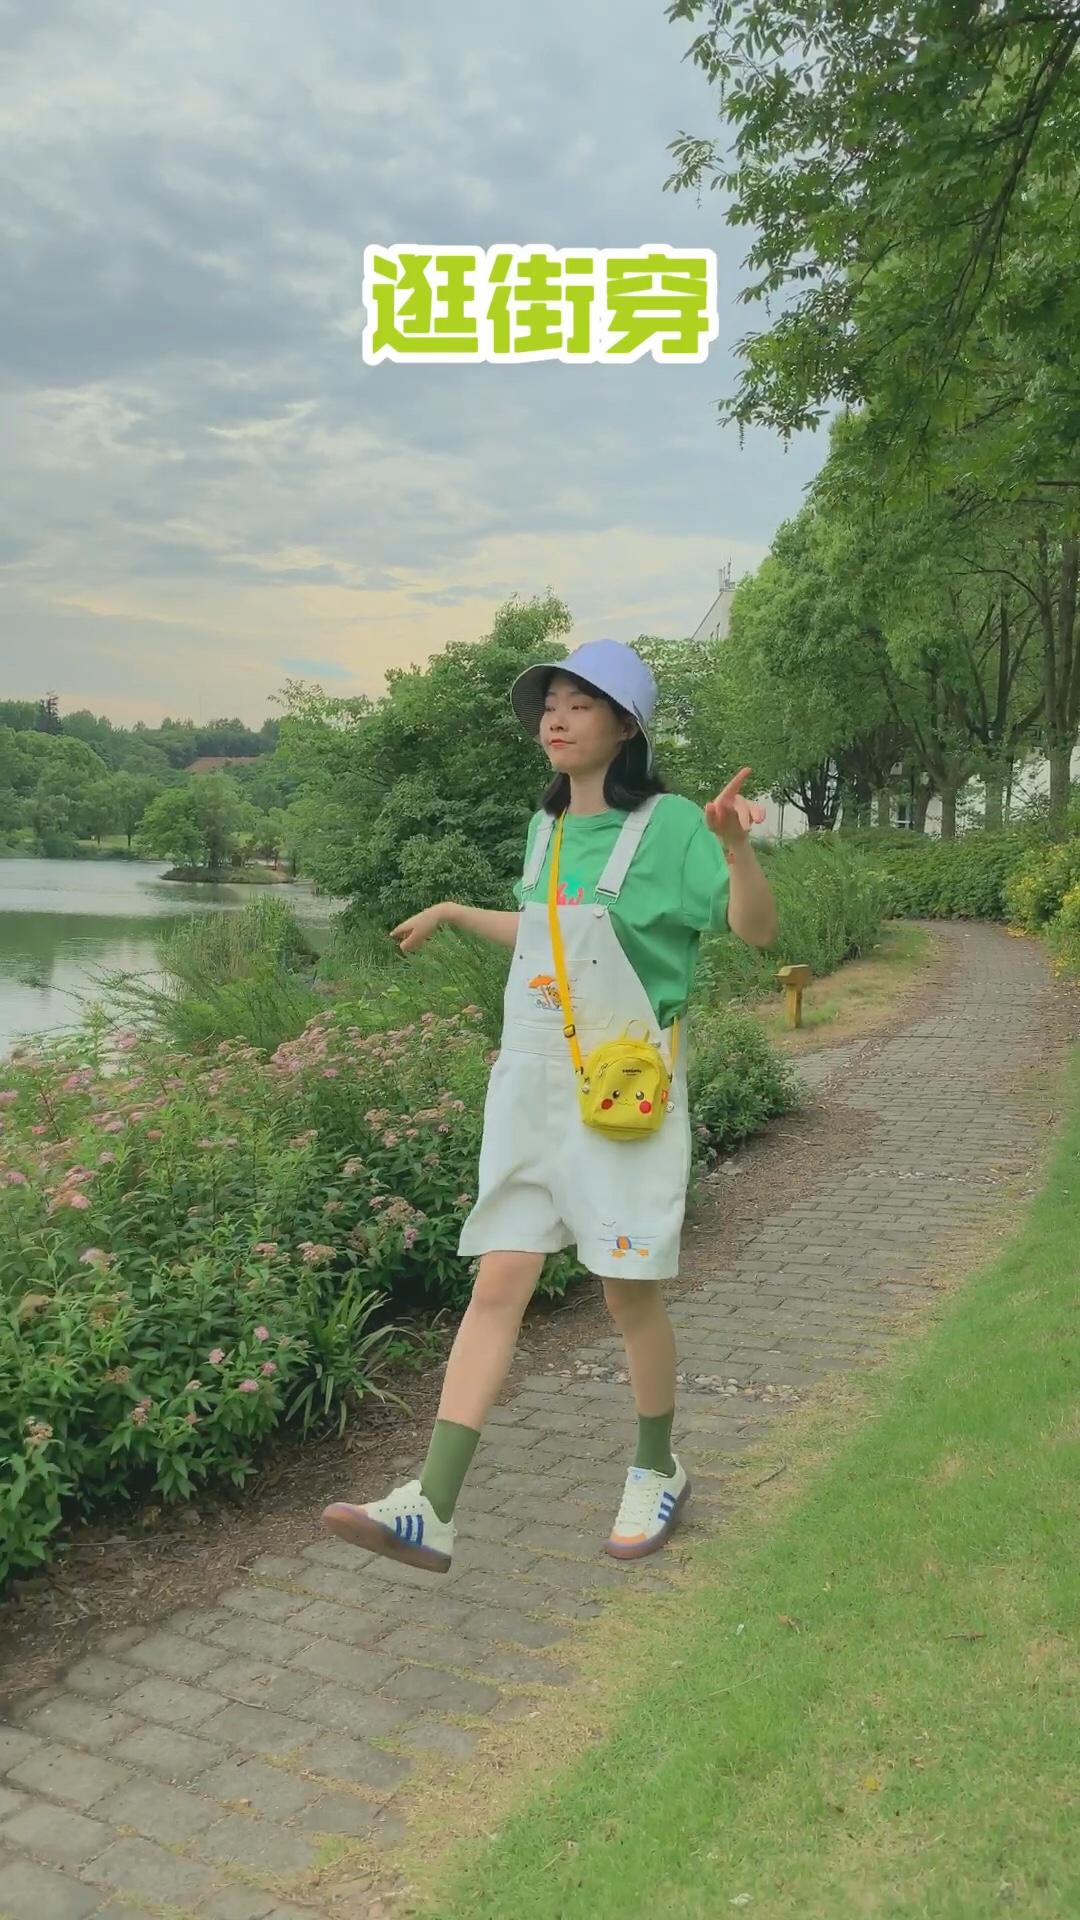 """---小懒の日常穿搭---  今年夏天超级流行的绿色系单品,你准备了吗?看一下这些绿色系的穿搭你有喜欢的吗!  #夏日消暑解热要靠""""绿""""#"""